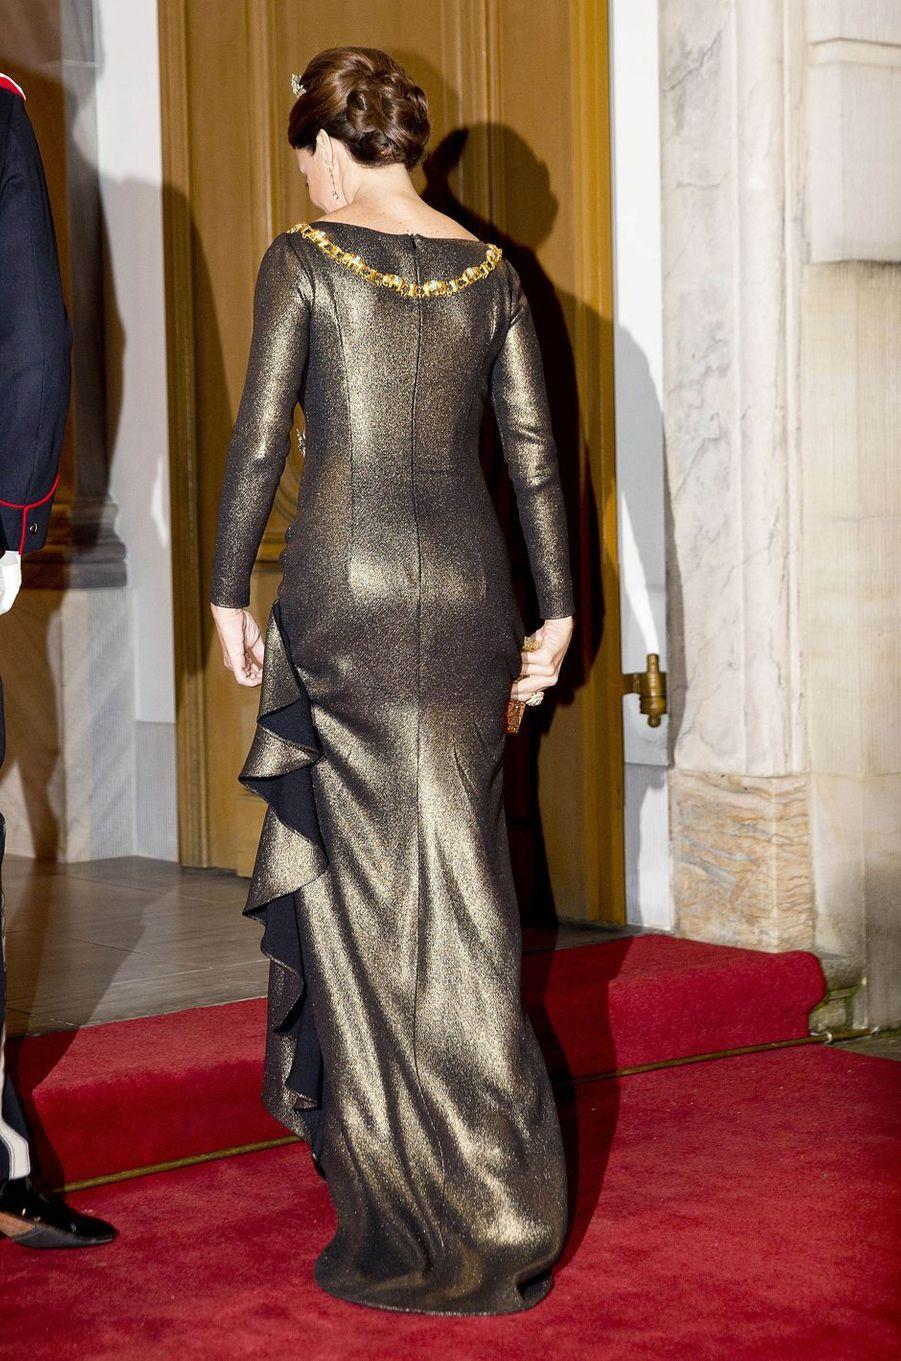 La princesse Marie de Danemark à Copenhague, le 1er janvier 2017